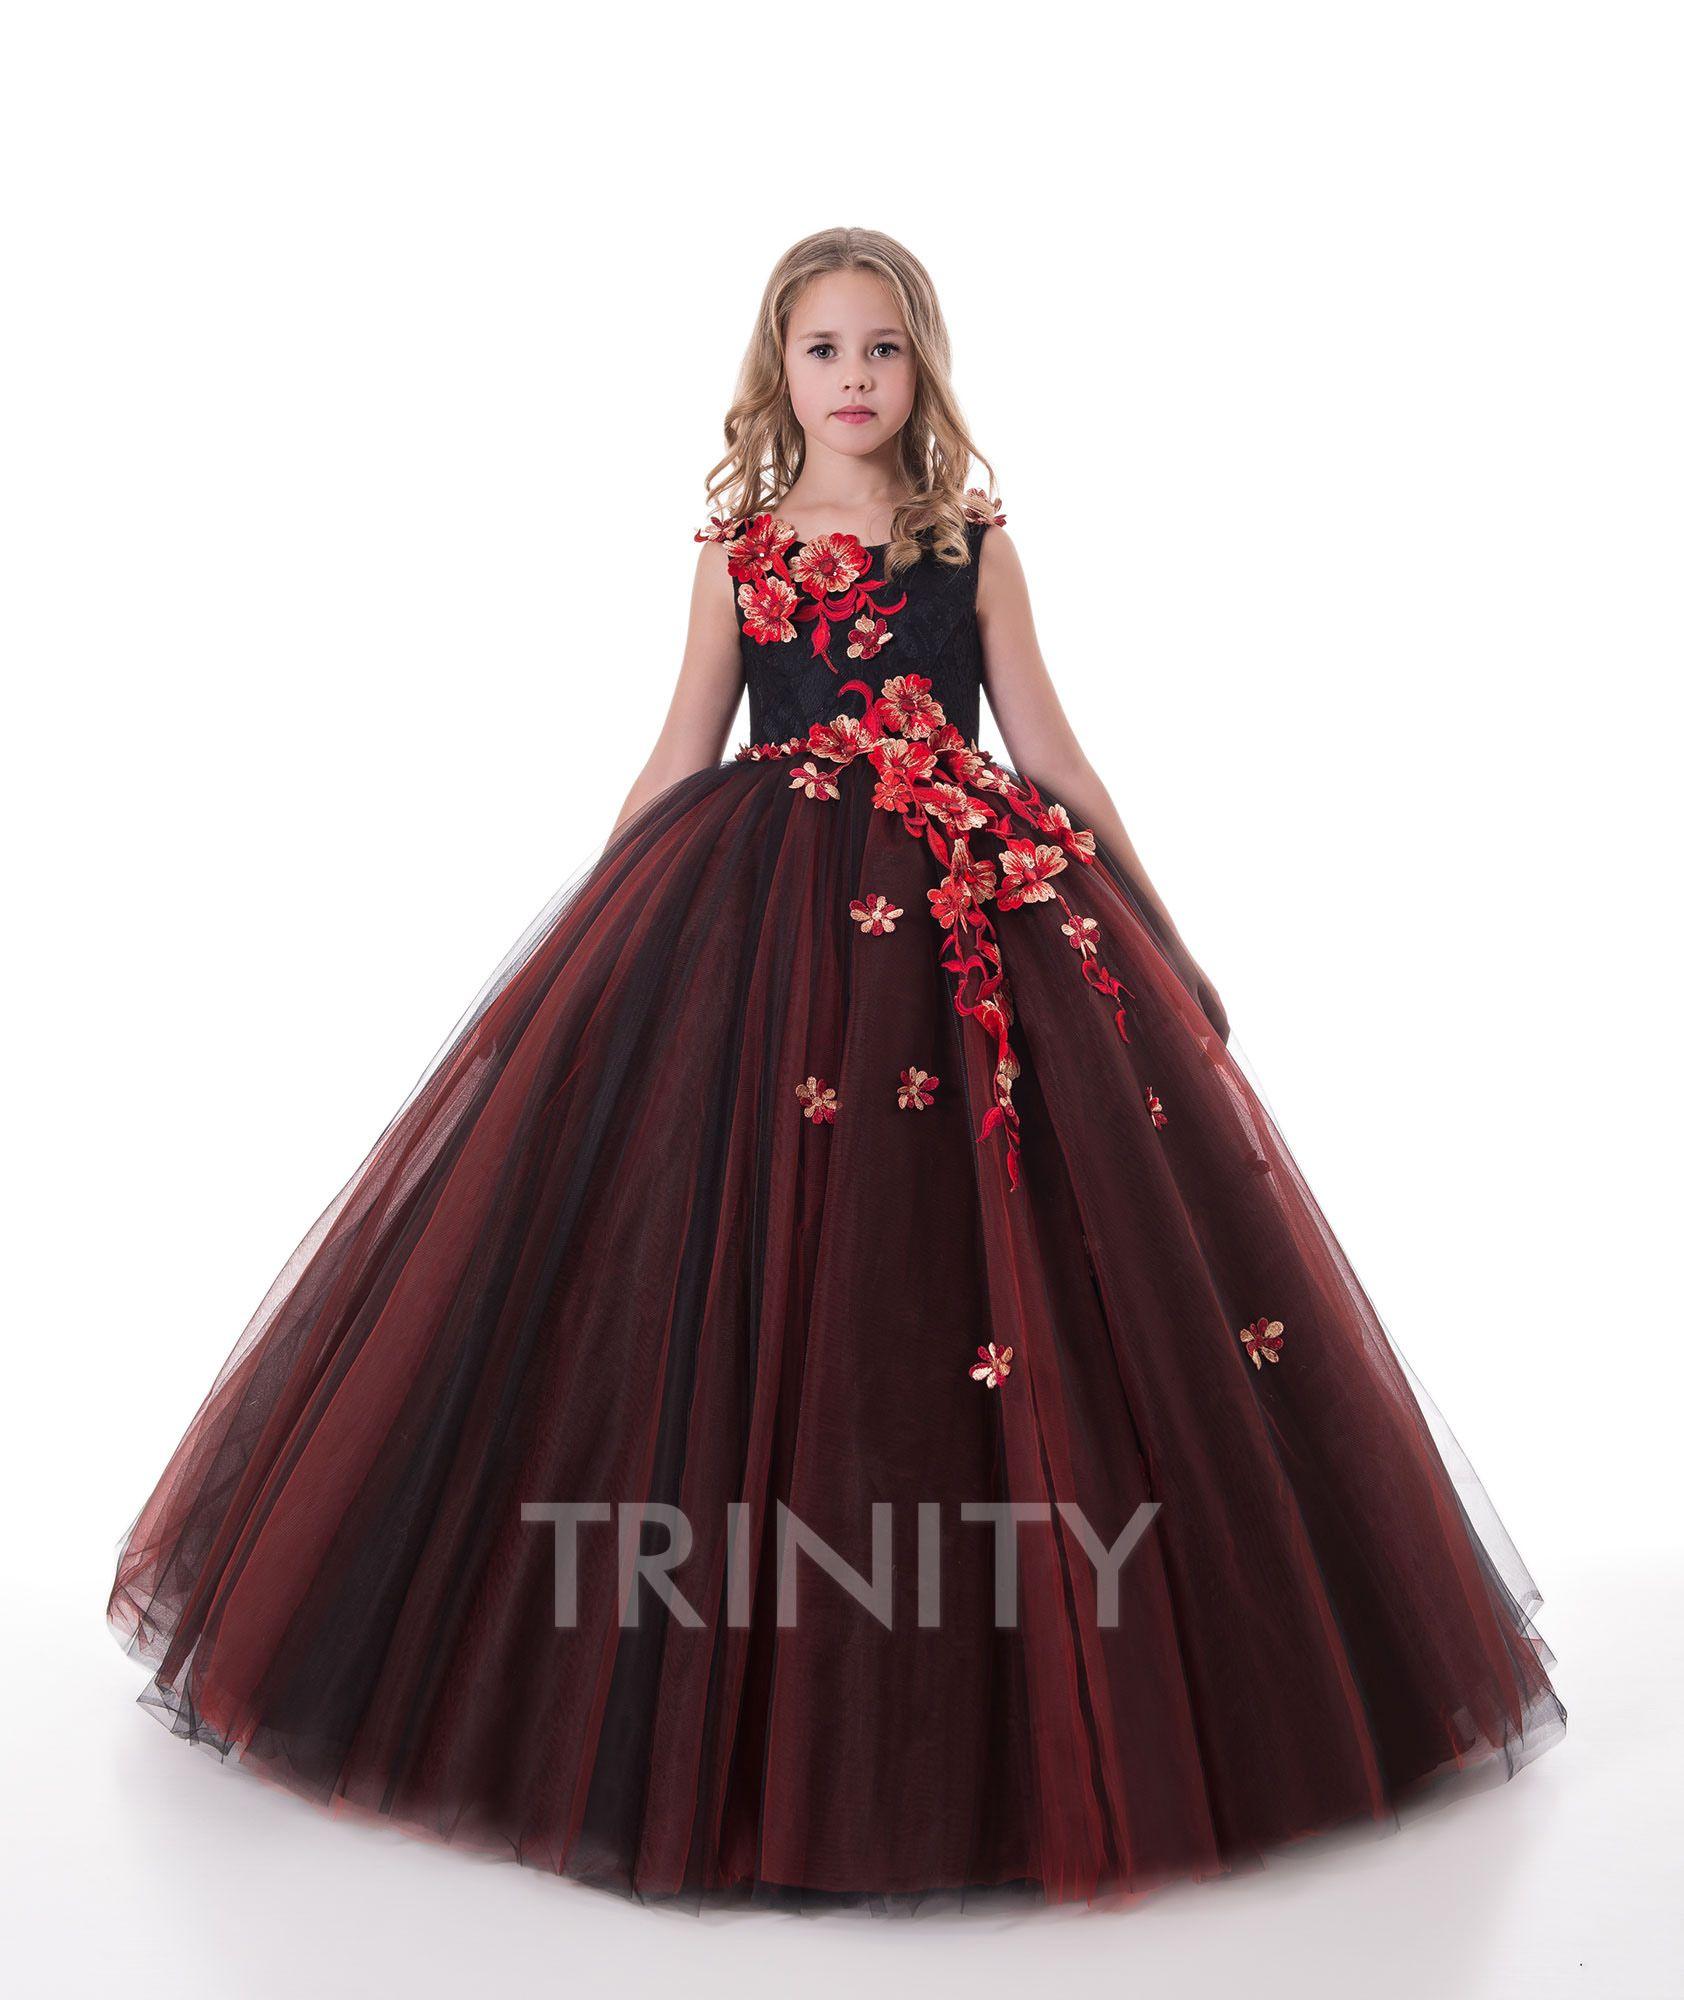 Двухтона ржавый красный / черный из тюль аппликация цветок девушка платья девочек Pageant платья праздников / платье на день рождения / юбка на заказ размер 2-14 df711361